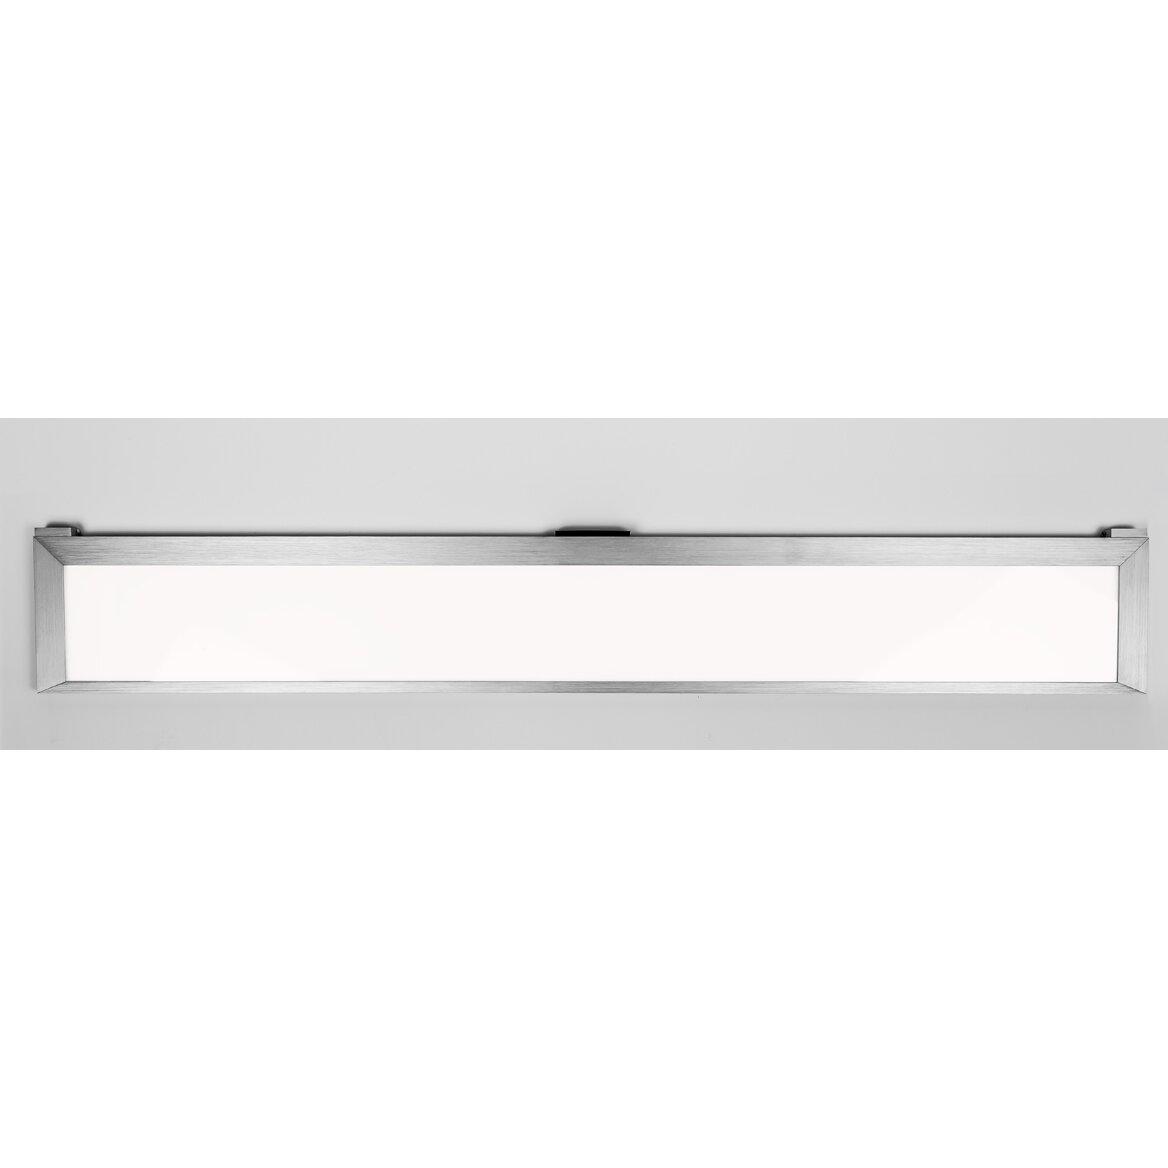 line 2 0 edge lit led under cabinet puck light by wac lighting. Black Bedroom Furniture Sets. Home Design Ideas